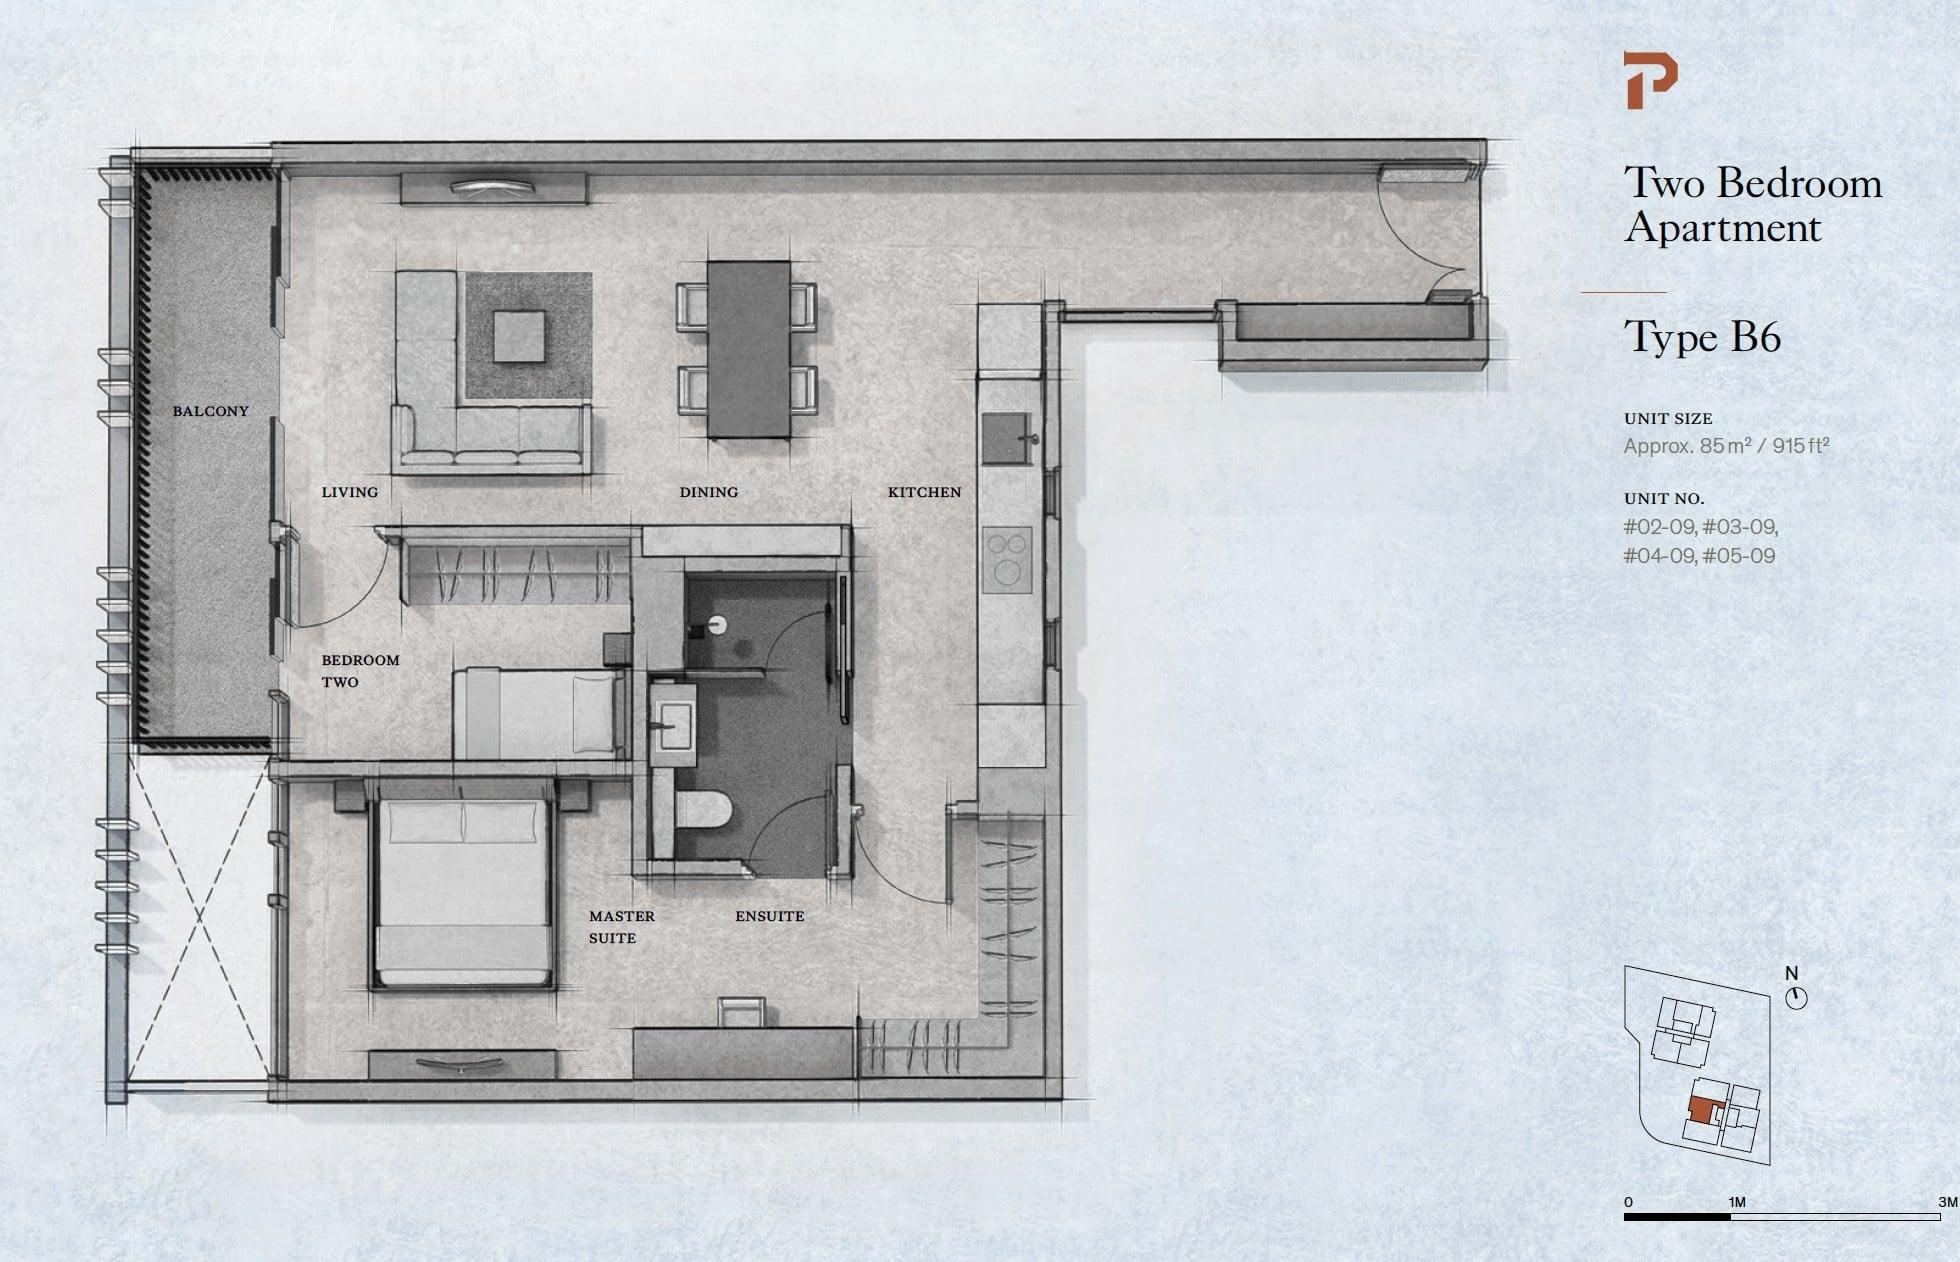 Petit-Jervois-2-bedroom-floor-plan-Type-B6